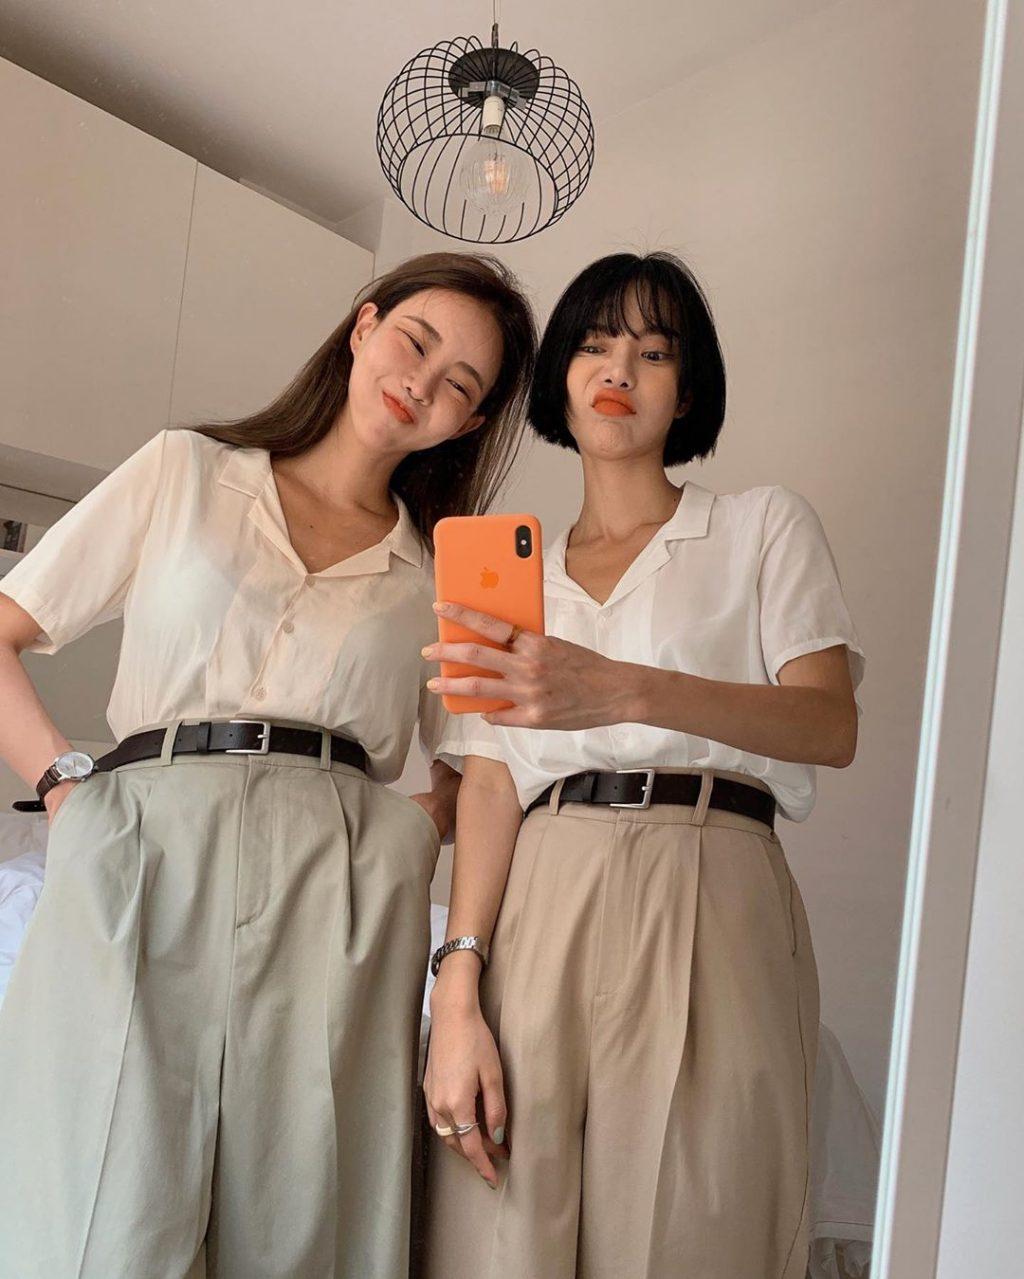 áo sơ mi tay ngắn phối cùng quần culottes